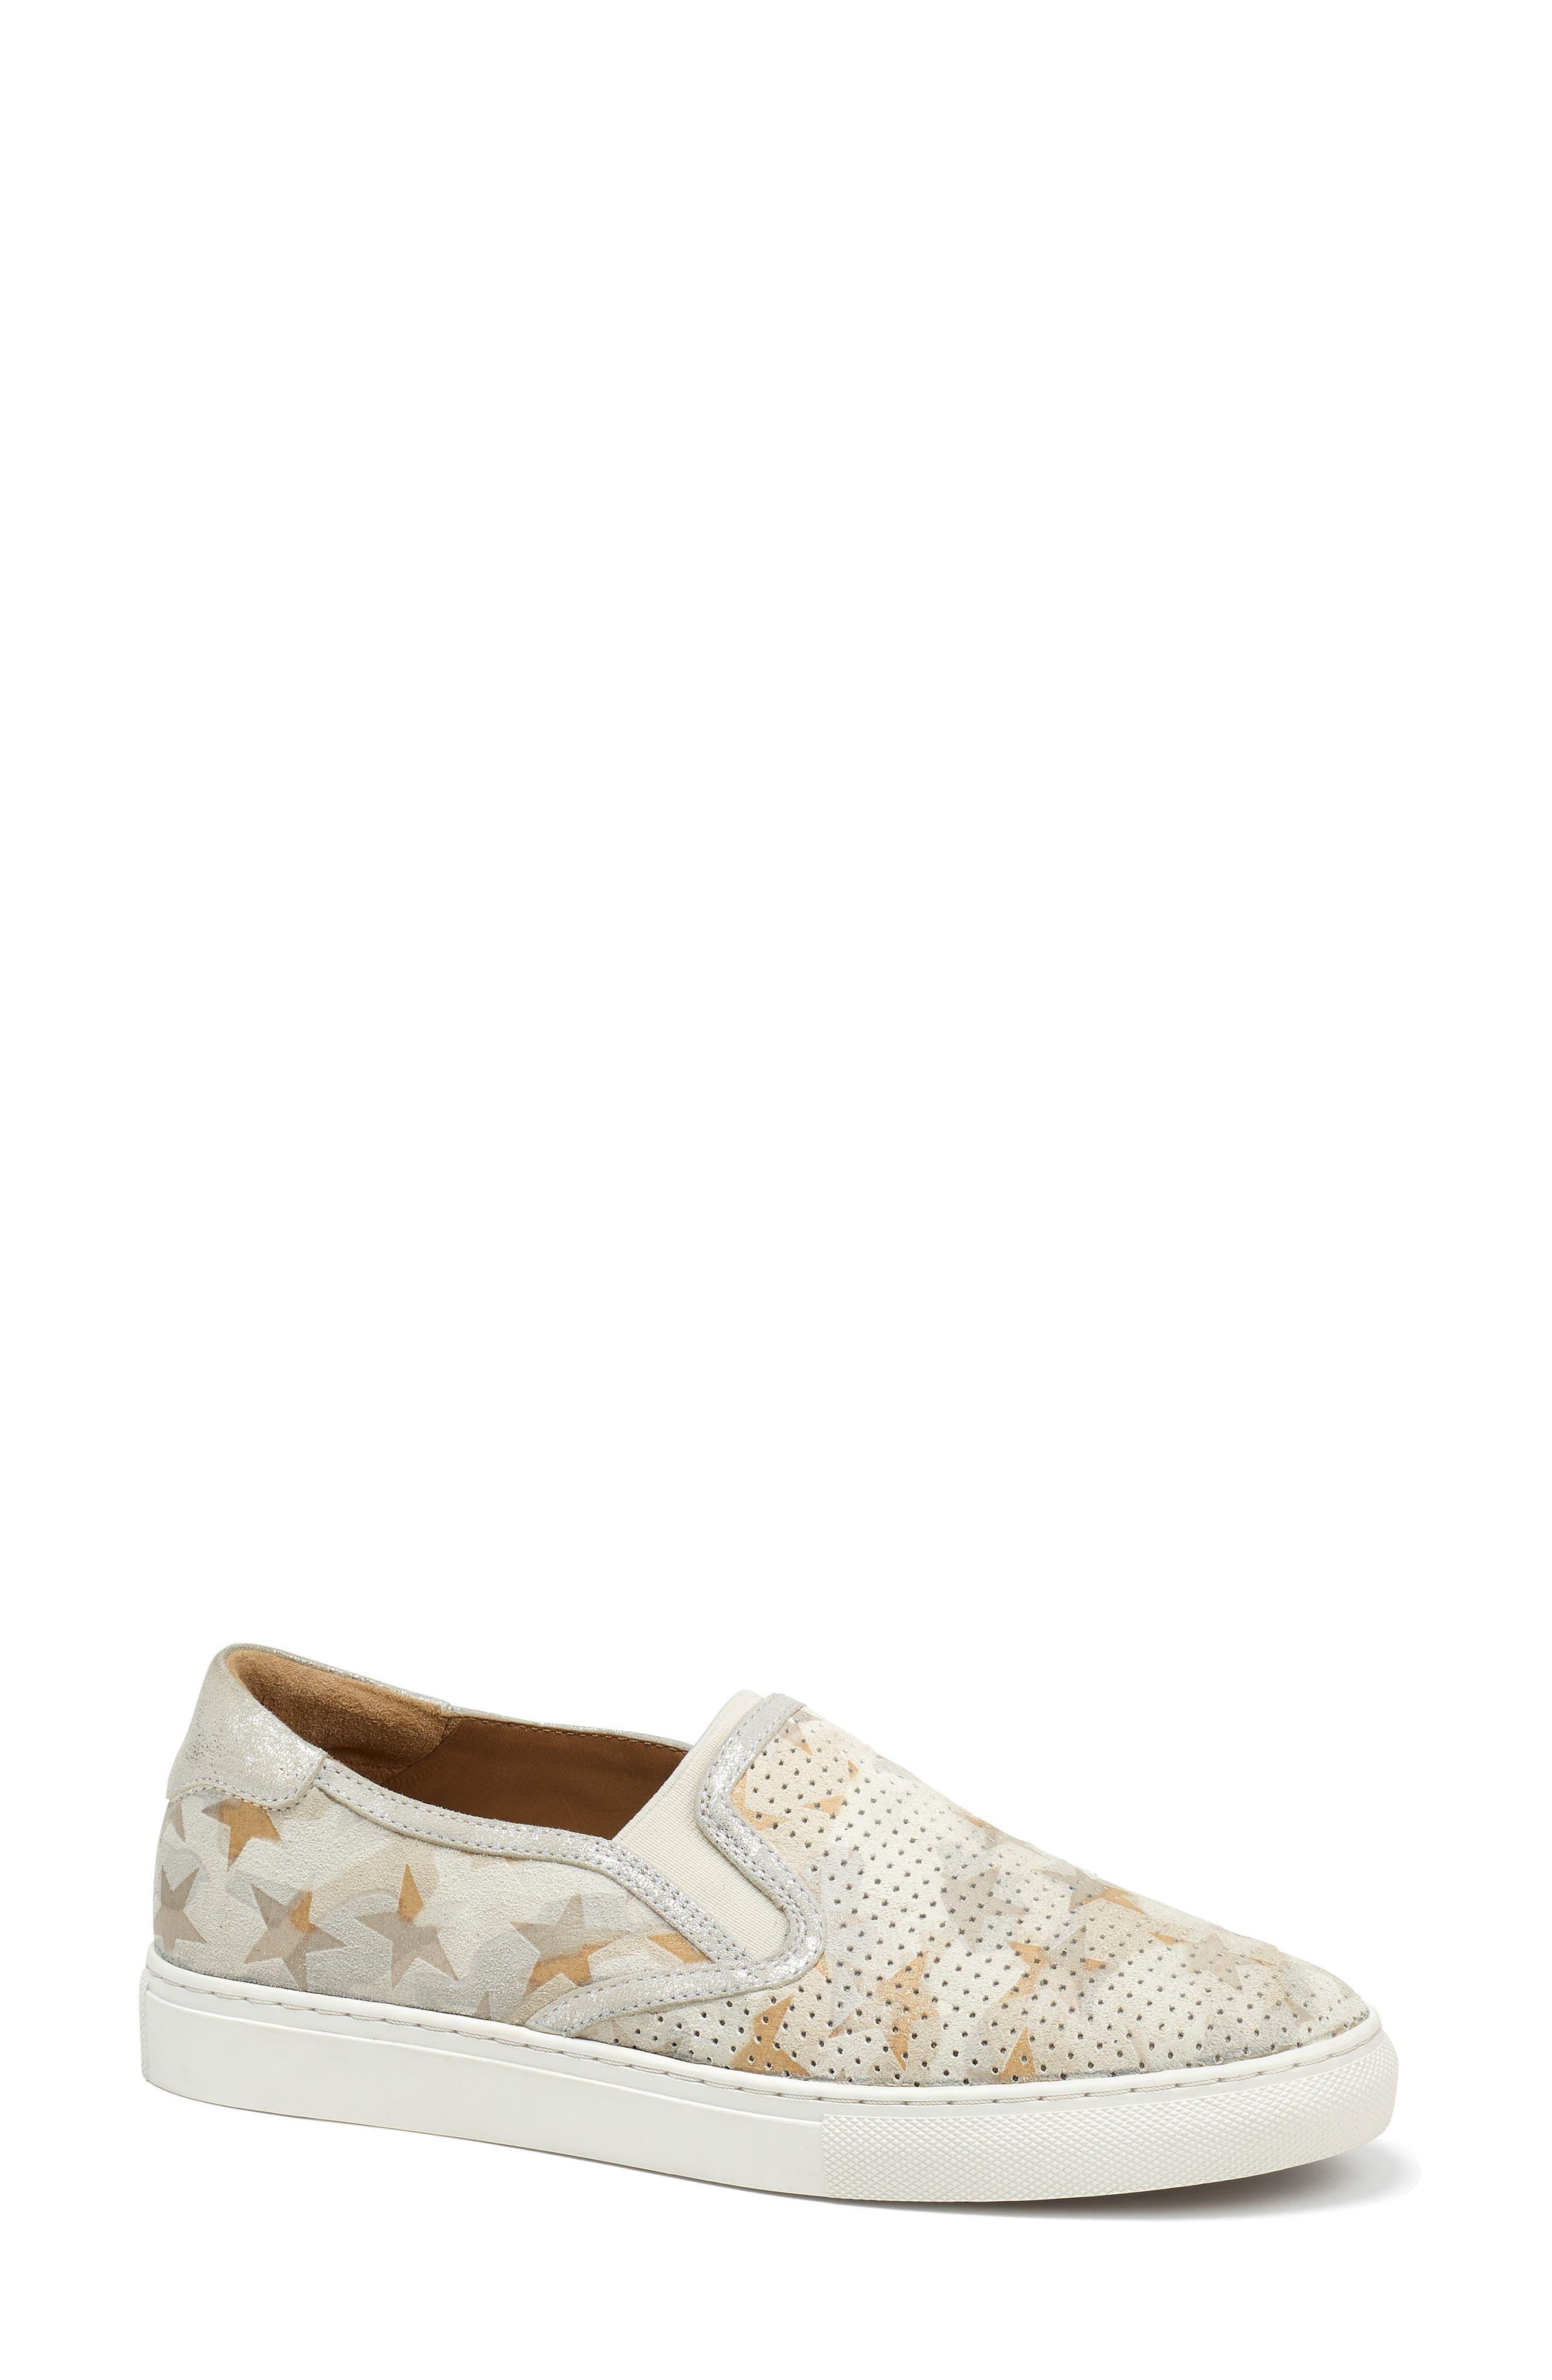 Trask Lillian Water Resistant Slip-On Sneaker, Ivory